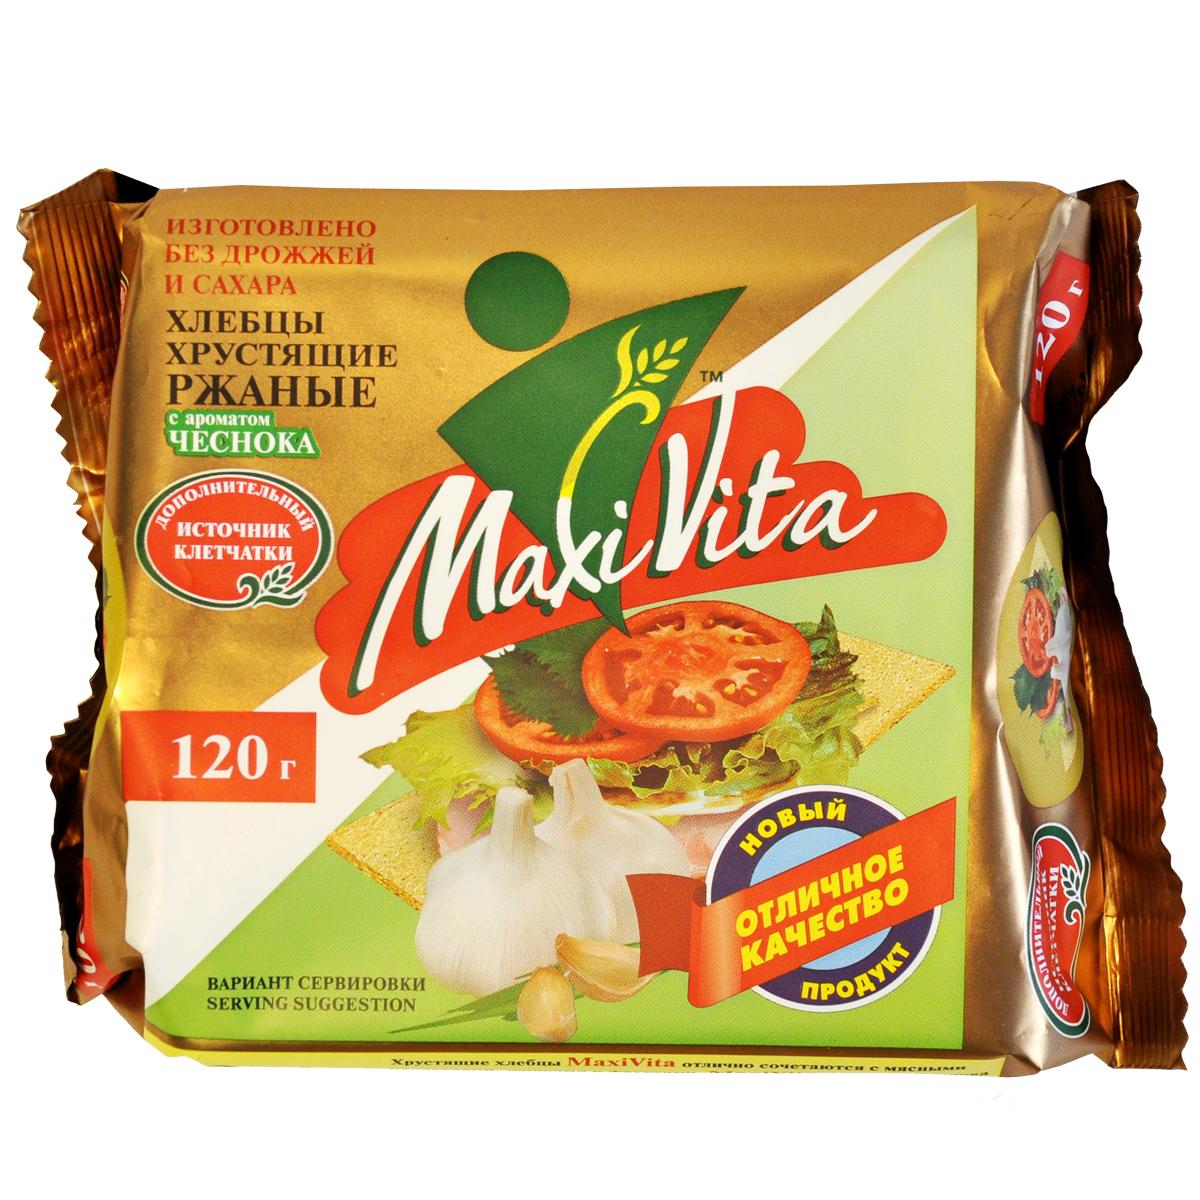 Хлебцы ржаные с чесноком MaxiVita 120 гр